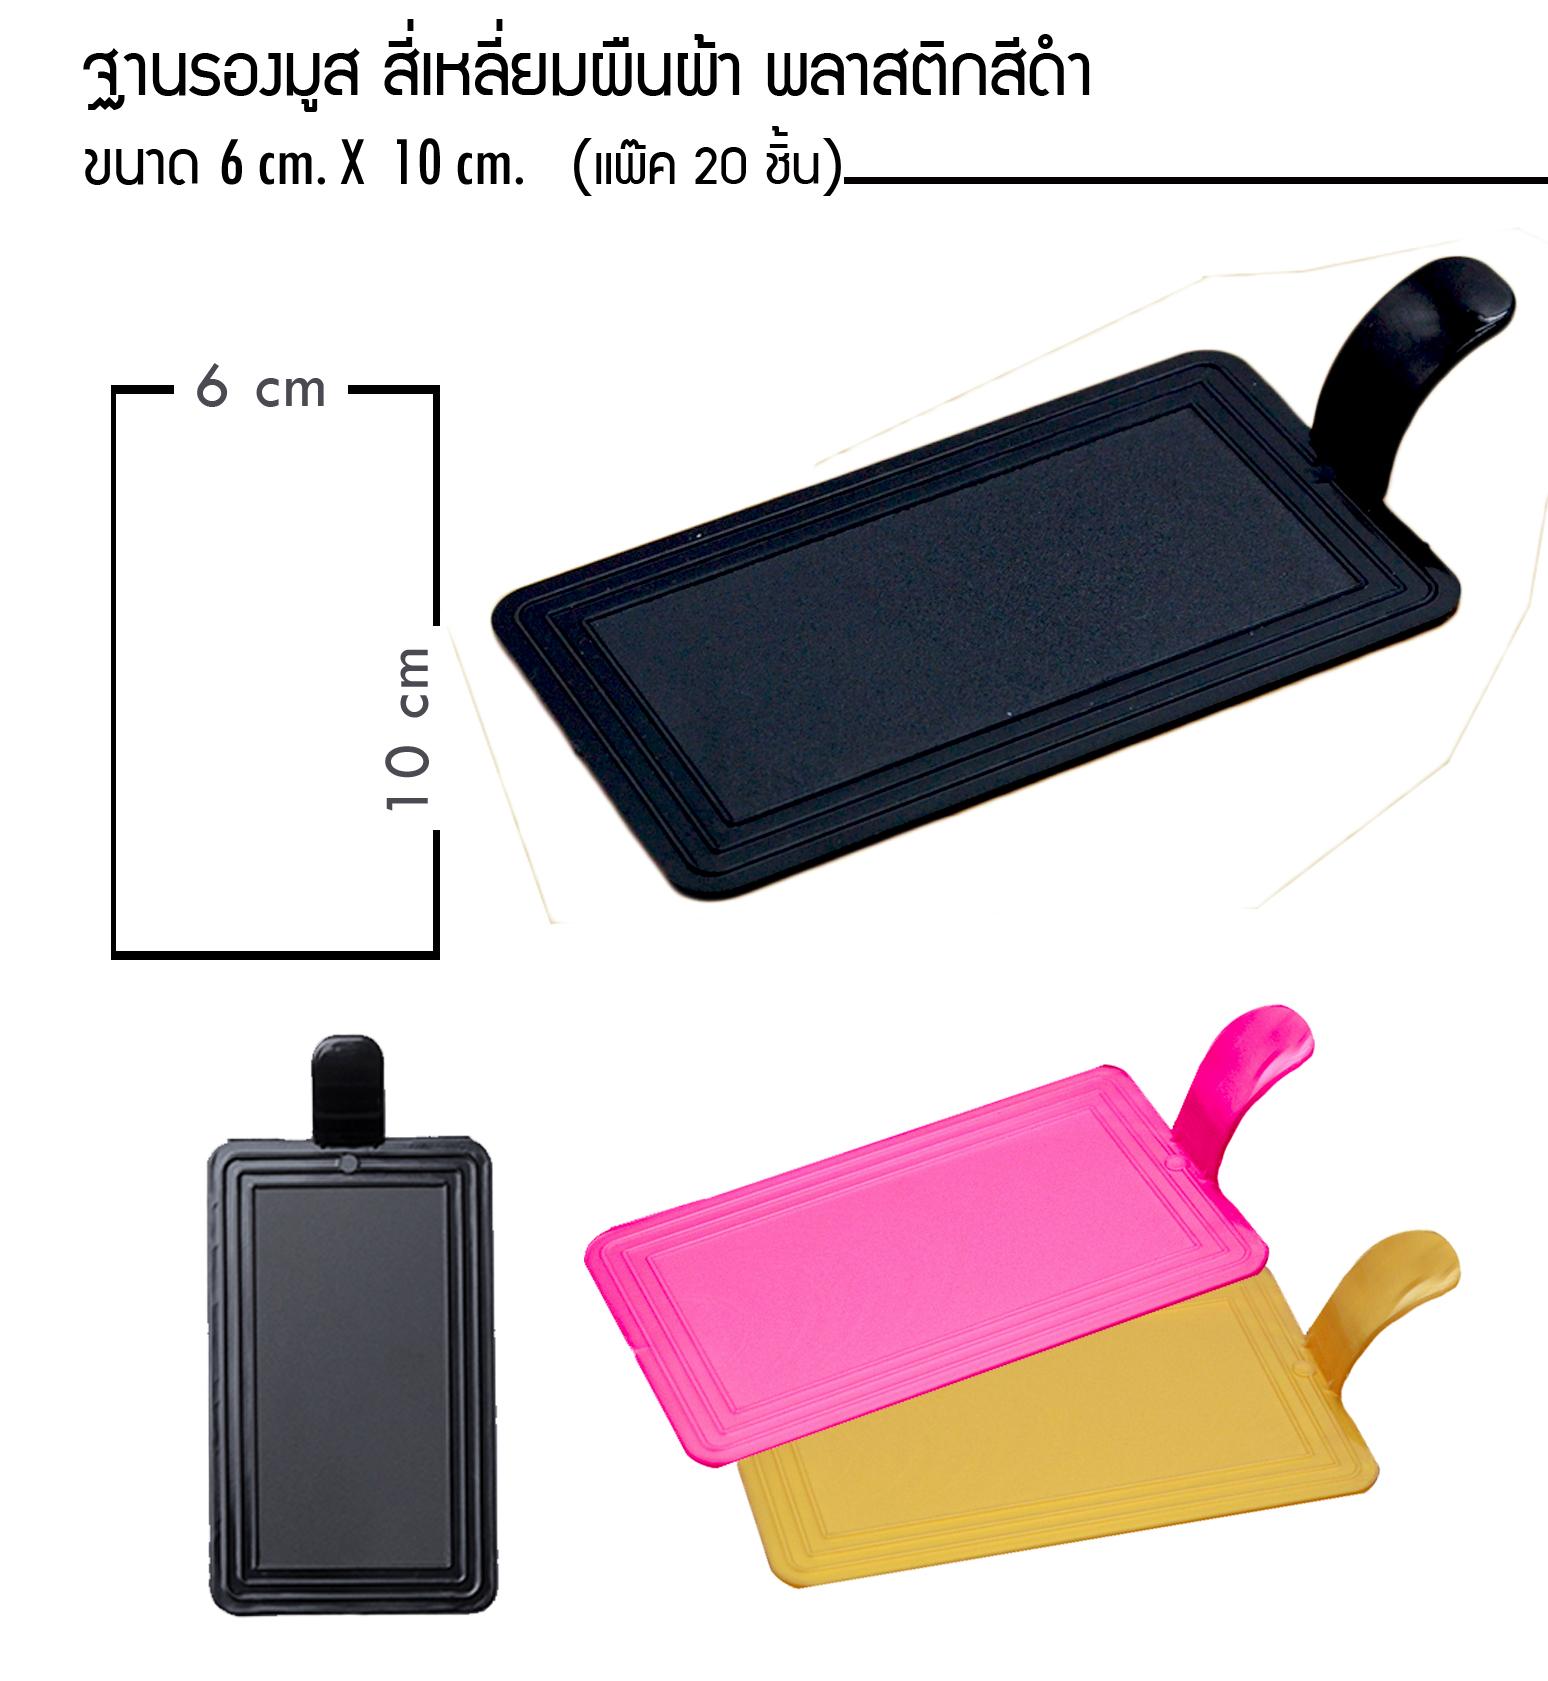 ฐานรองมูส สี่เหลี่ยมผืนผ้า พลาสติกดำ (ขนาด 6 cm X 10 cm ) แพ๊ค 20ชิ้น